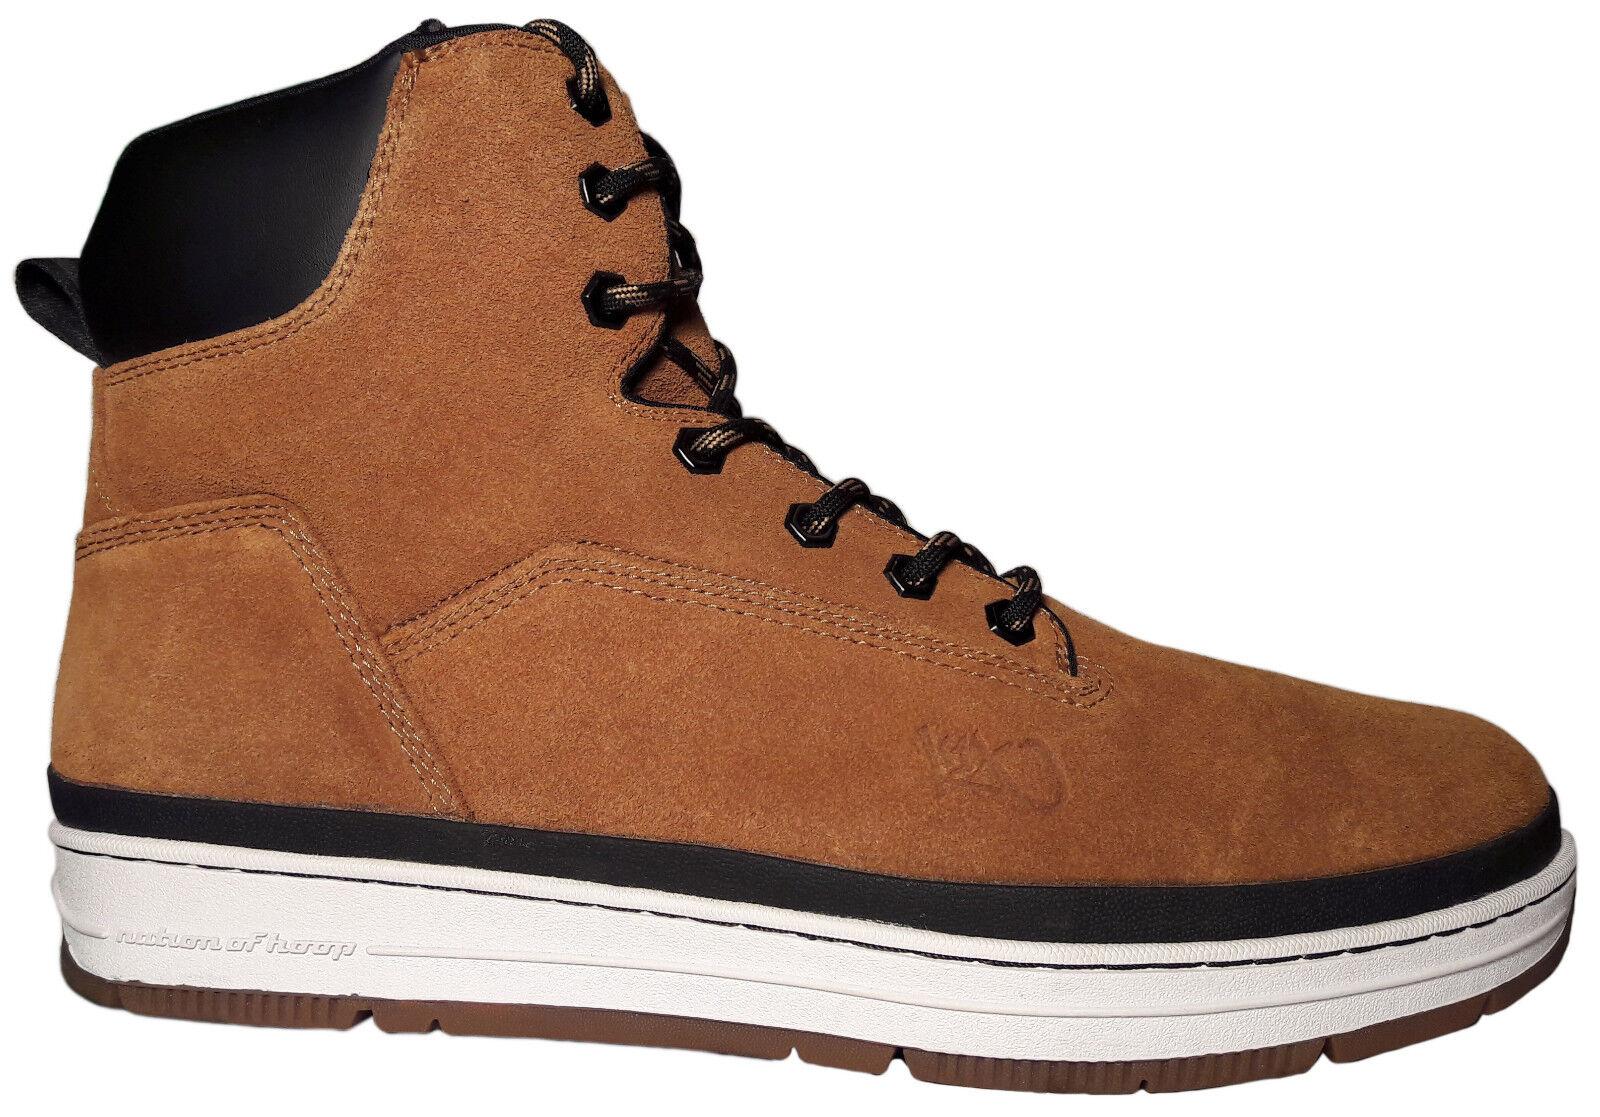 K1X State Sport Herren High-Top Sneaker Gr. 46,5 honey Leder Schuhe Stiefel dark honey 46,5 e39222